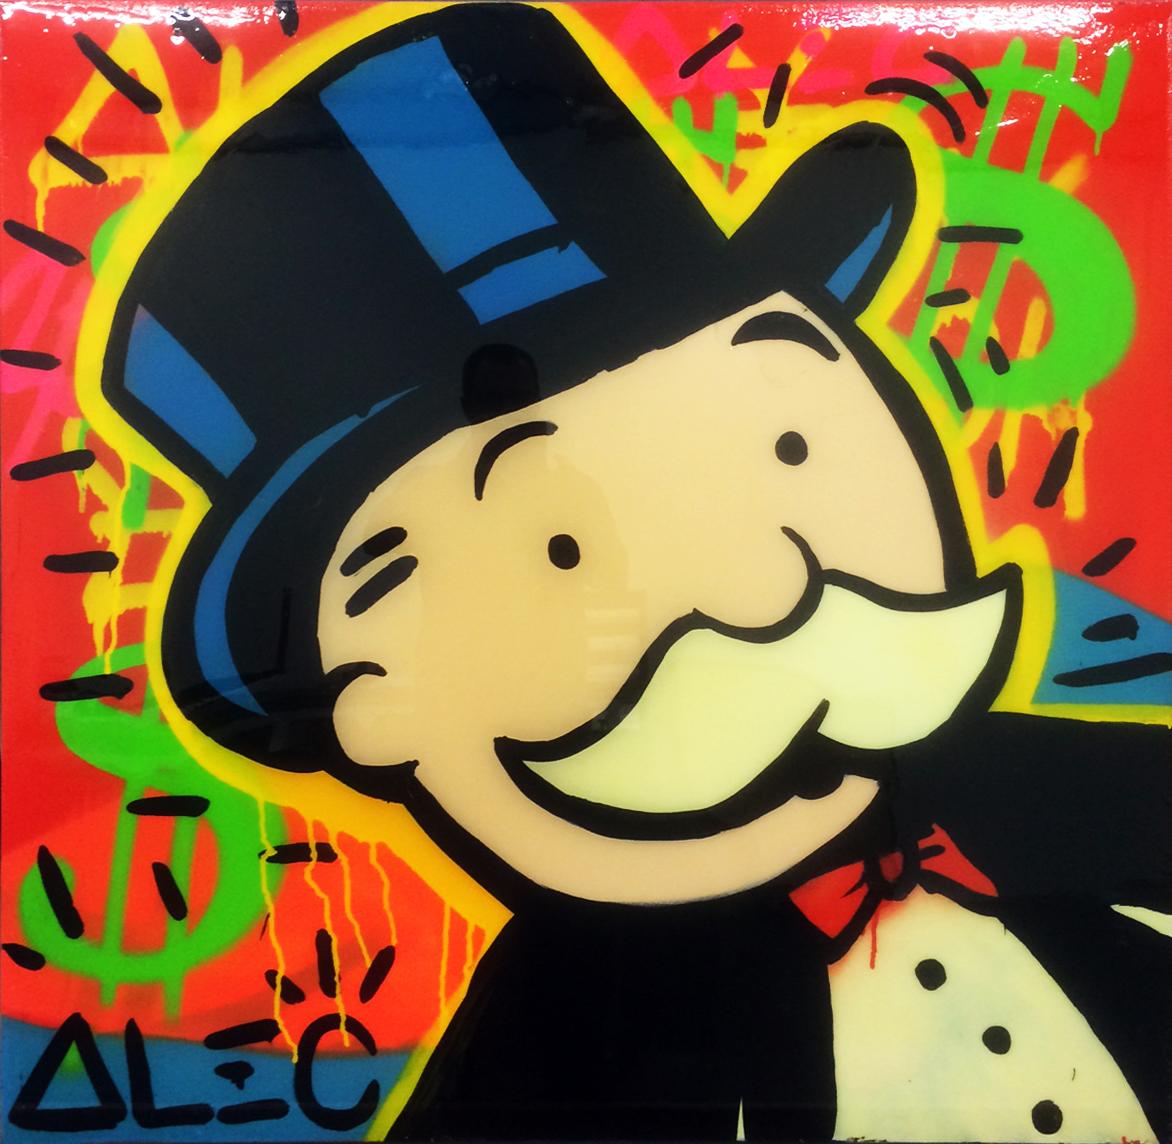 Monopoly Man Close Up by Alec Monopoly